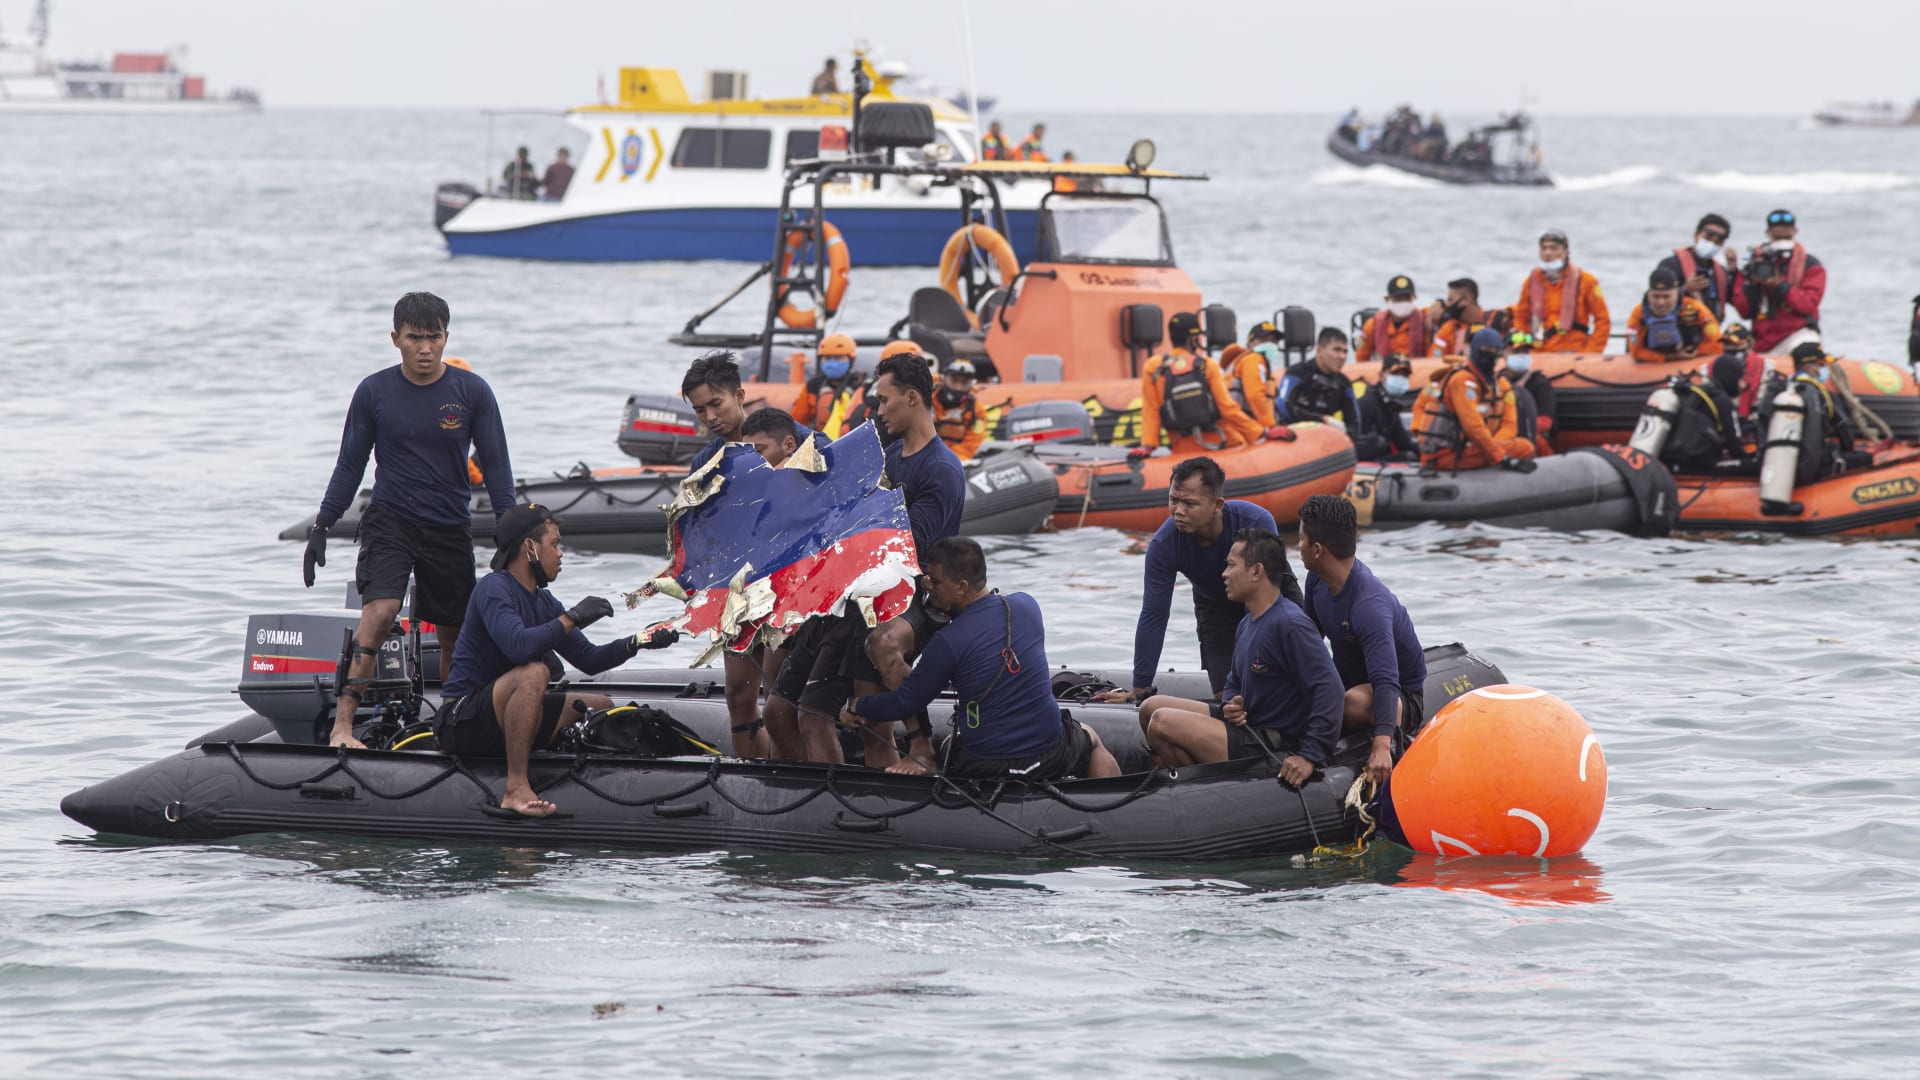 أشلاء وألبسة للأطفال.. هذا آخر ما عُثر عليه من بقايا الطائرة الإندونيسية المنكوبة